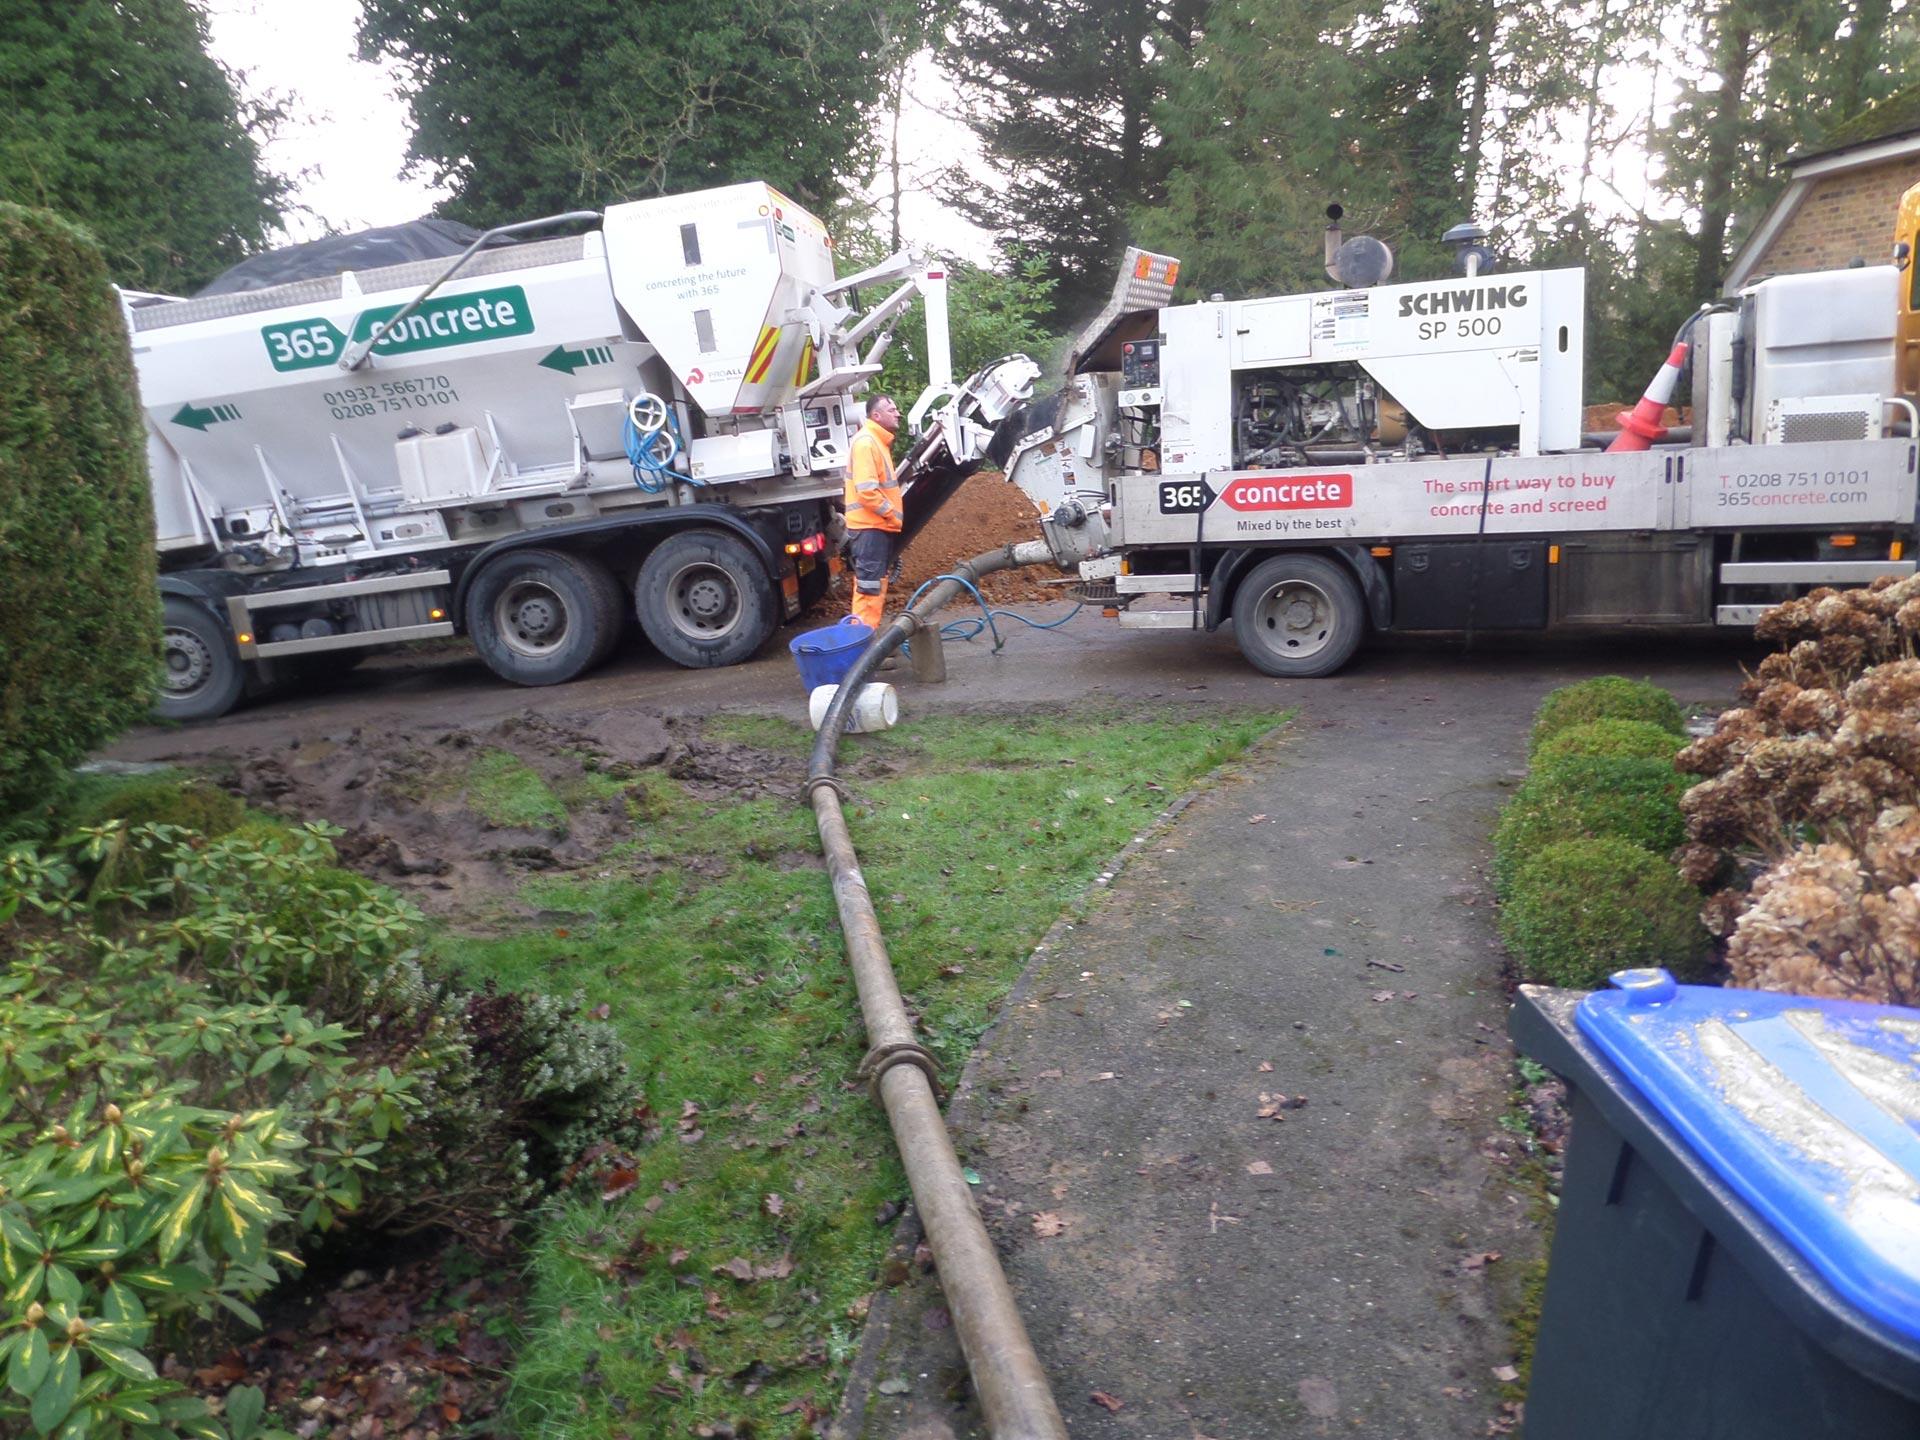 365 Concrete onsite using our Concrete Pump